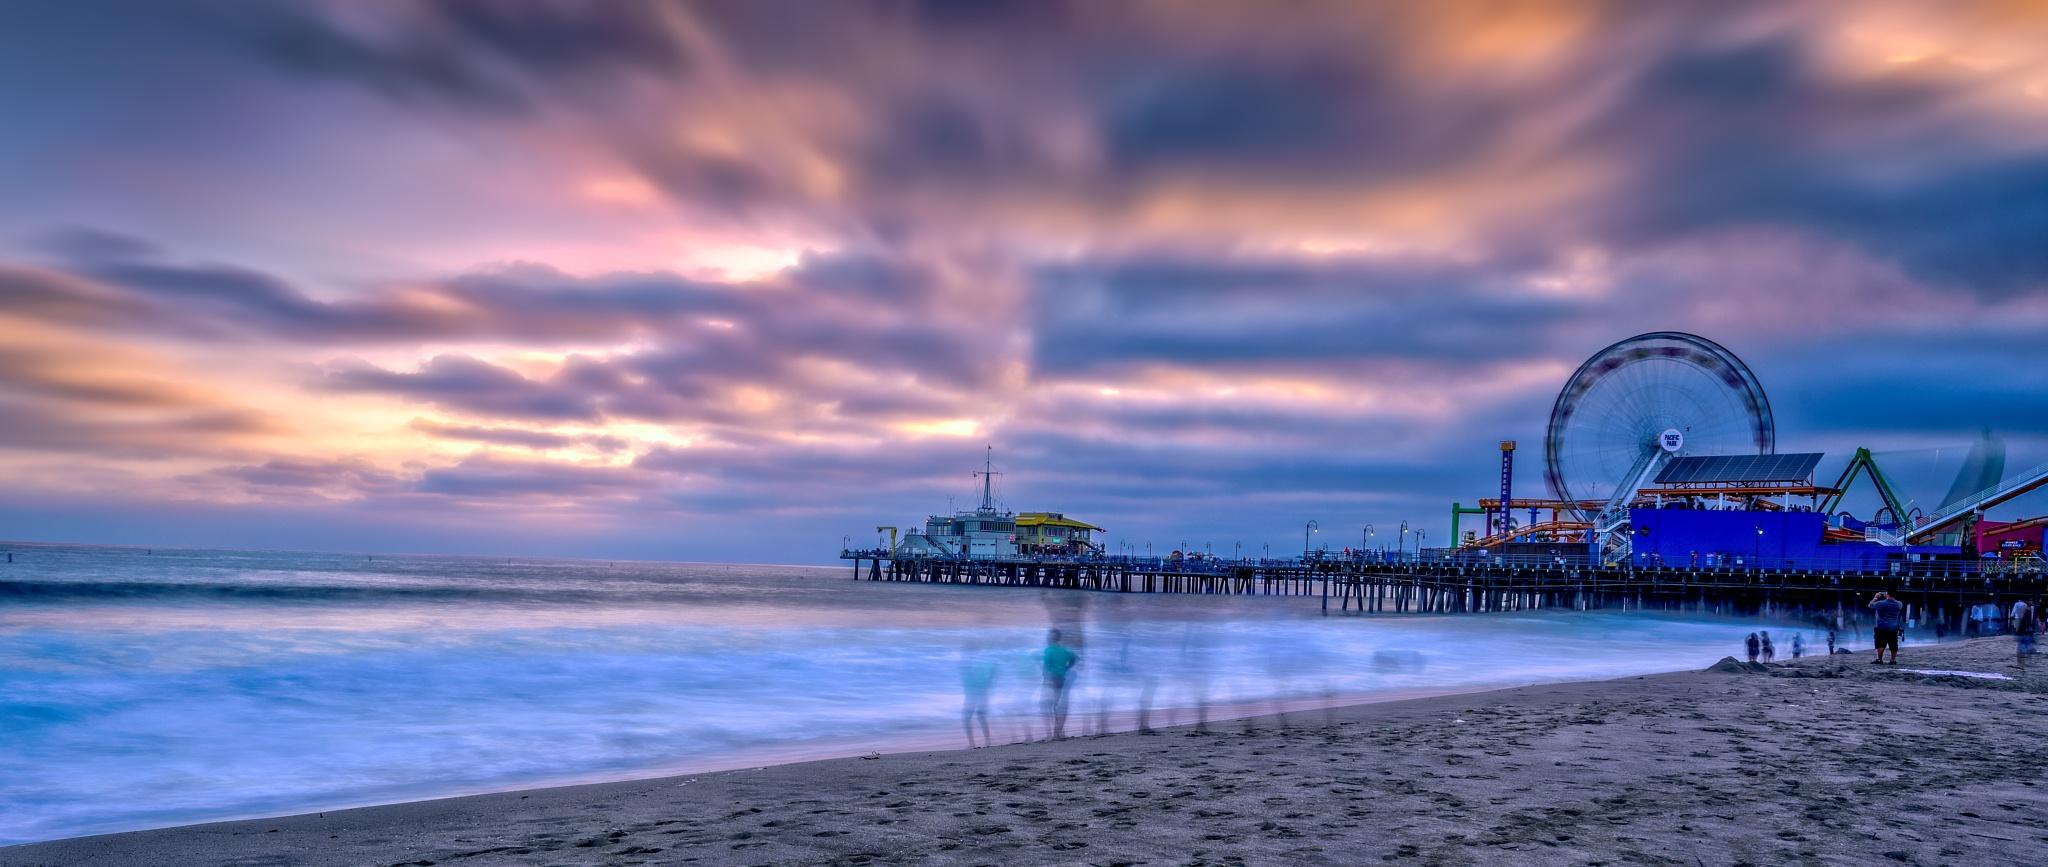 Sunset @ Santa Monica Pier by Ralph Resch